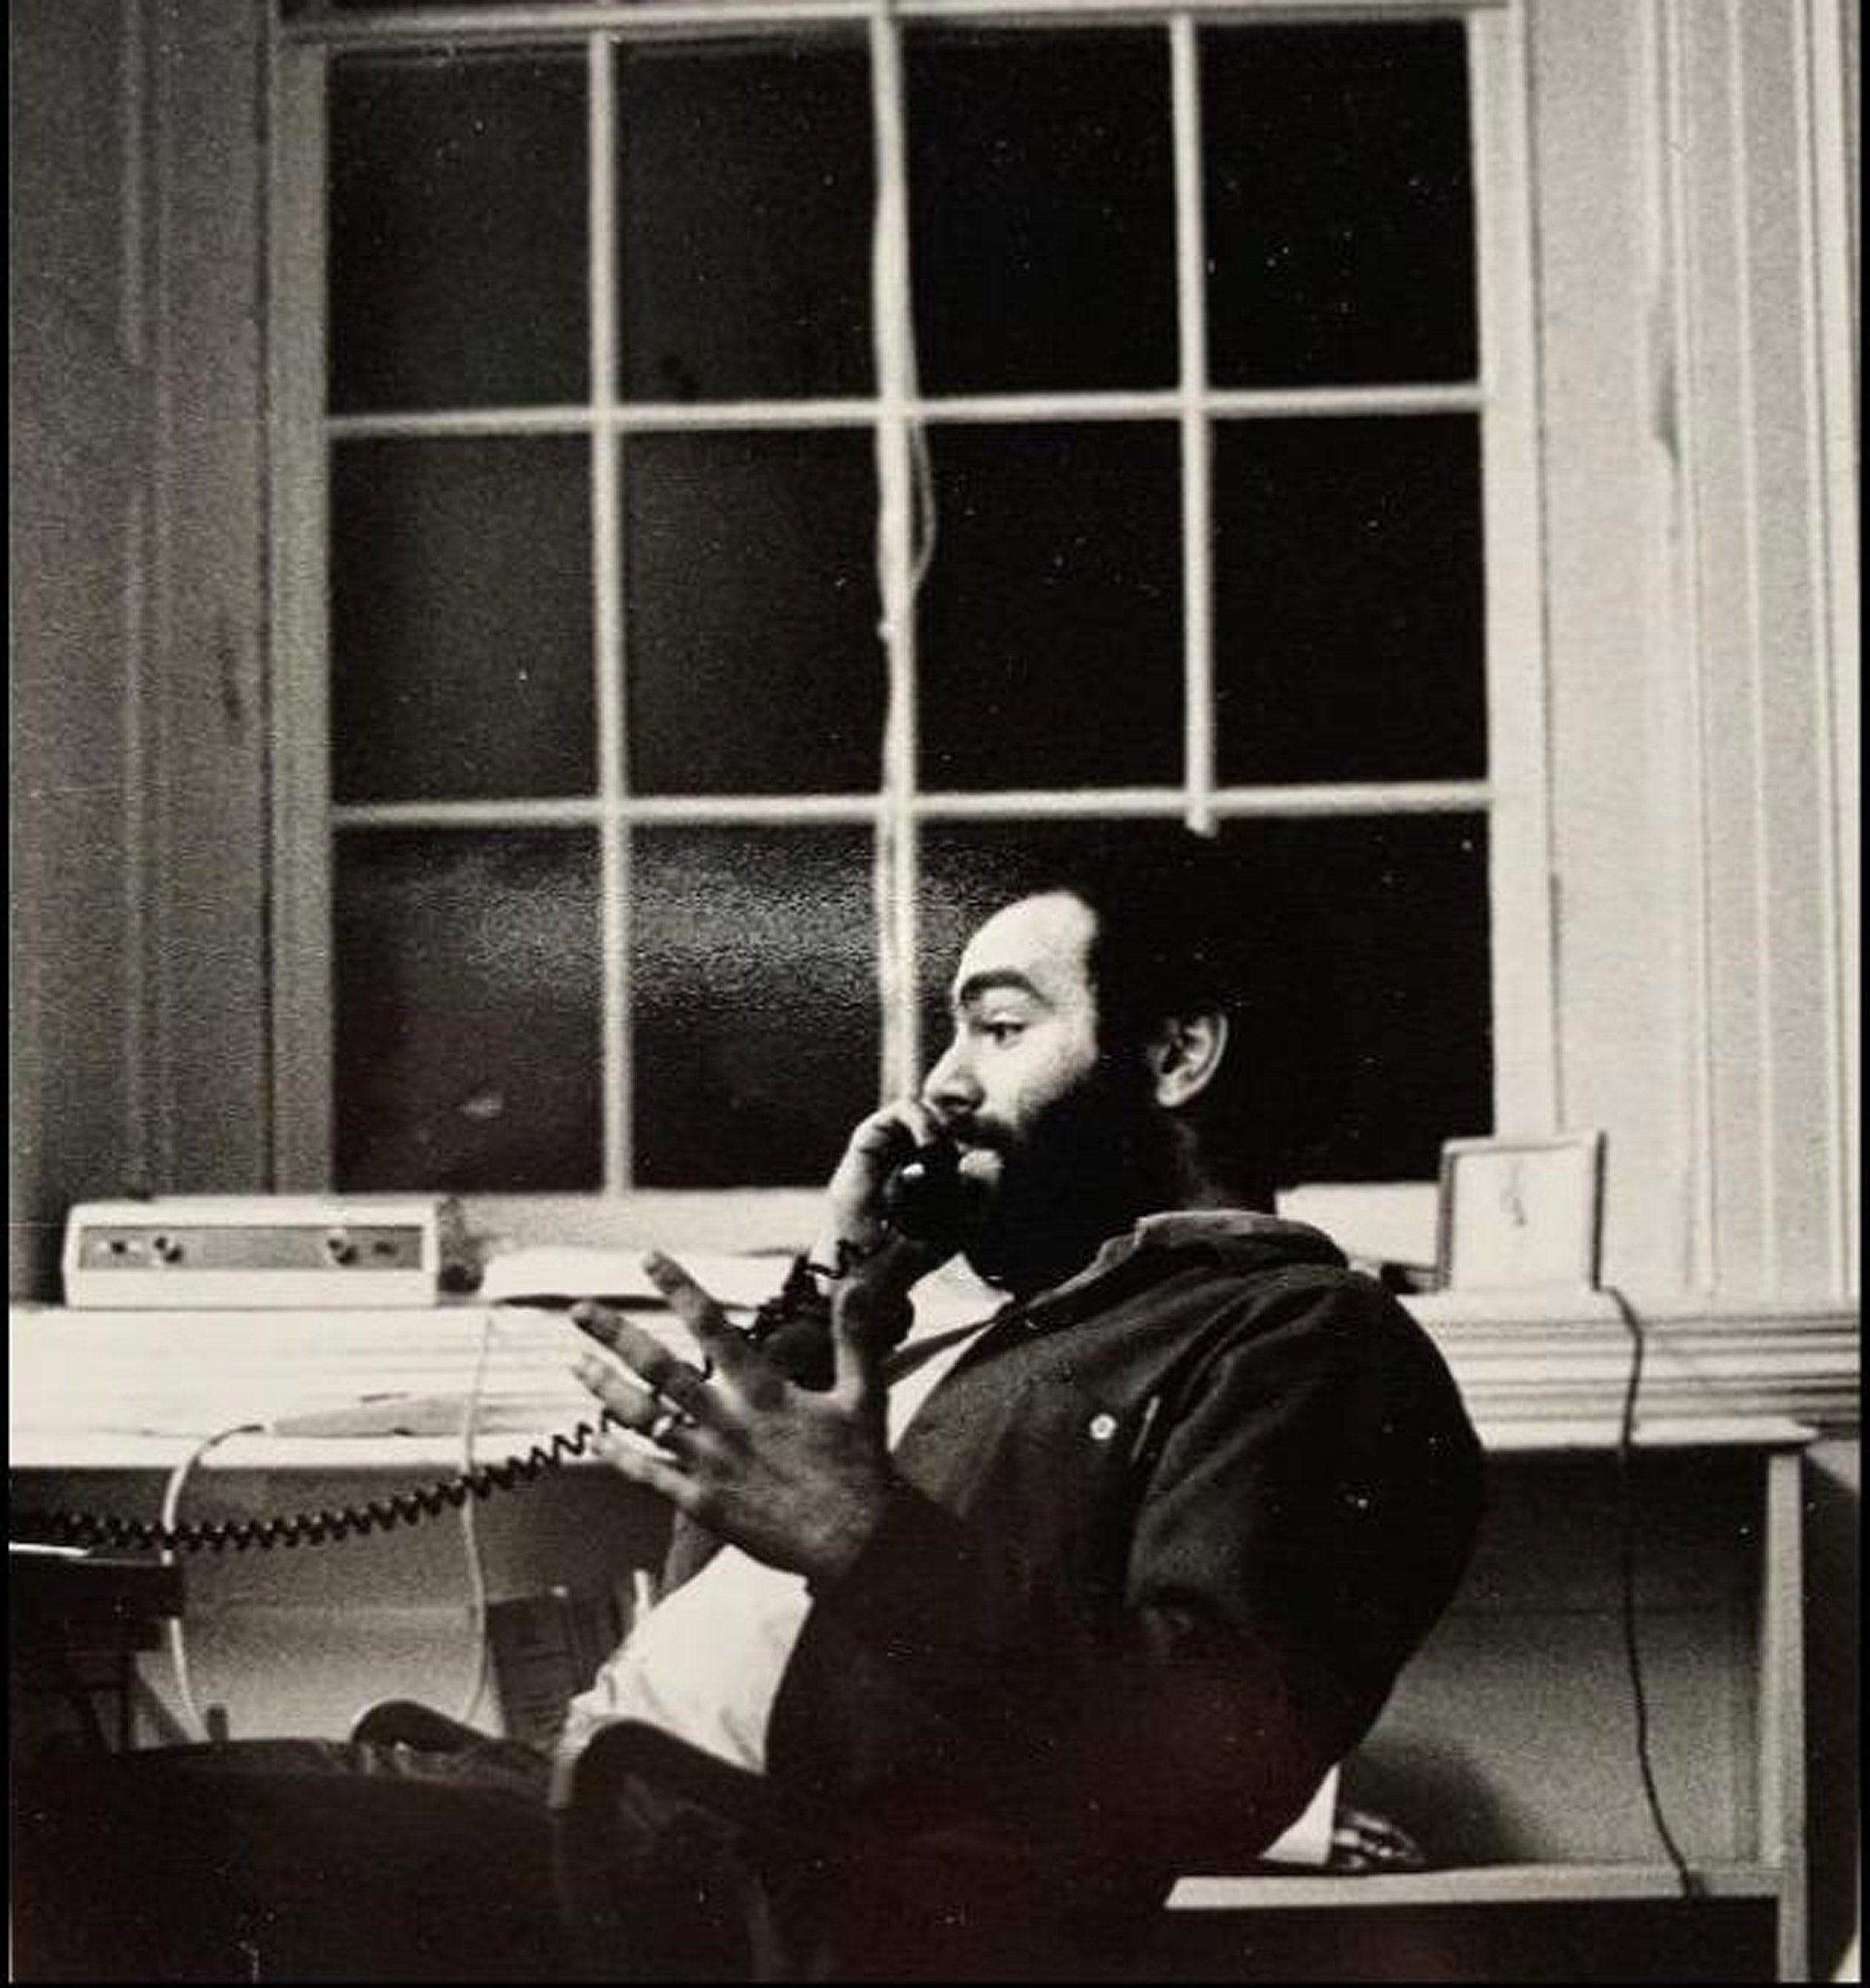 Michael Ansara in 1969.